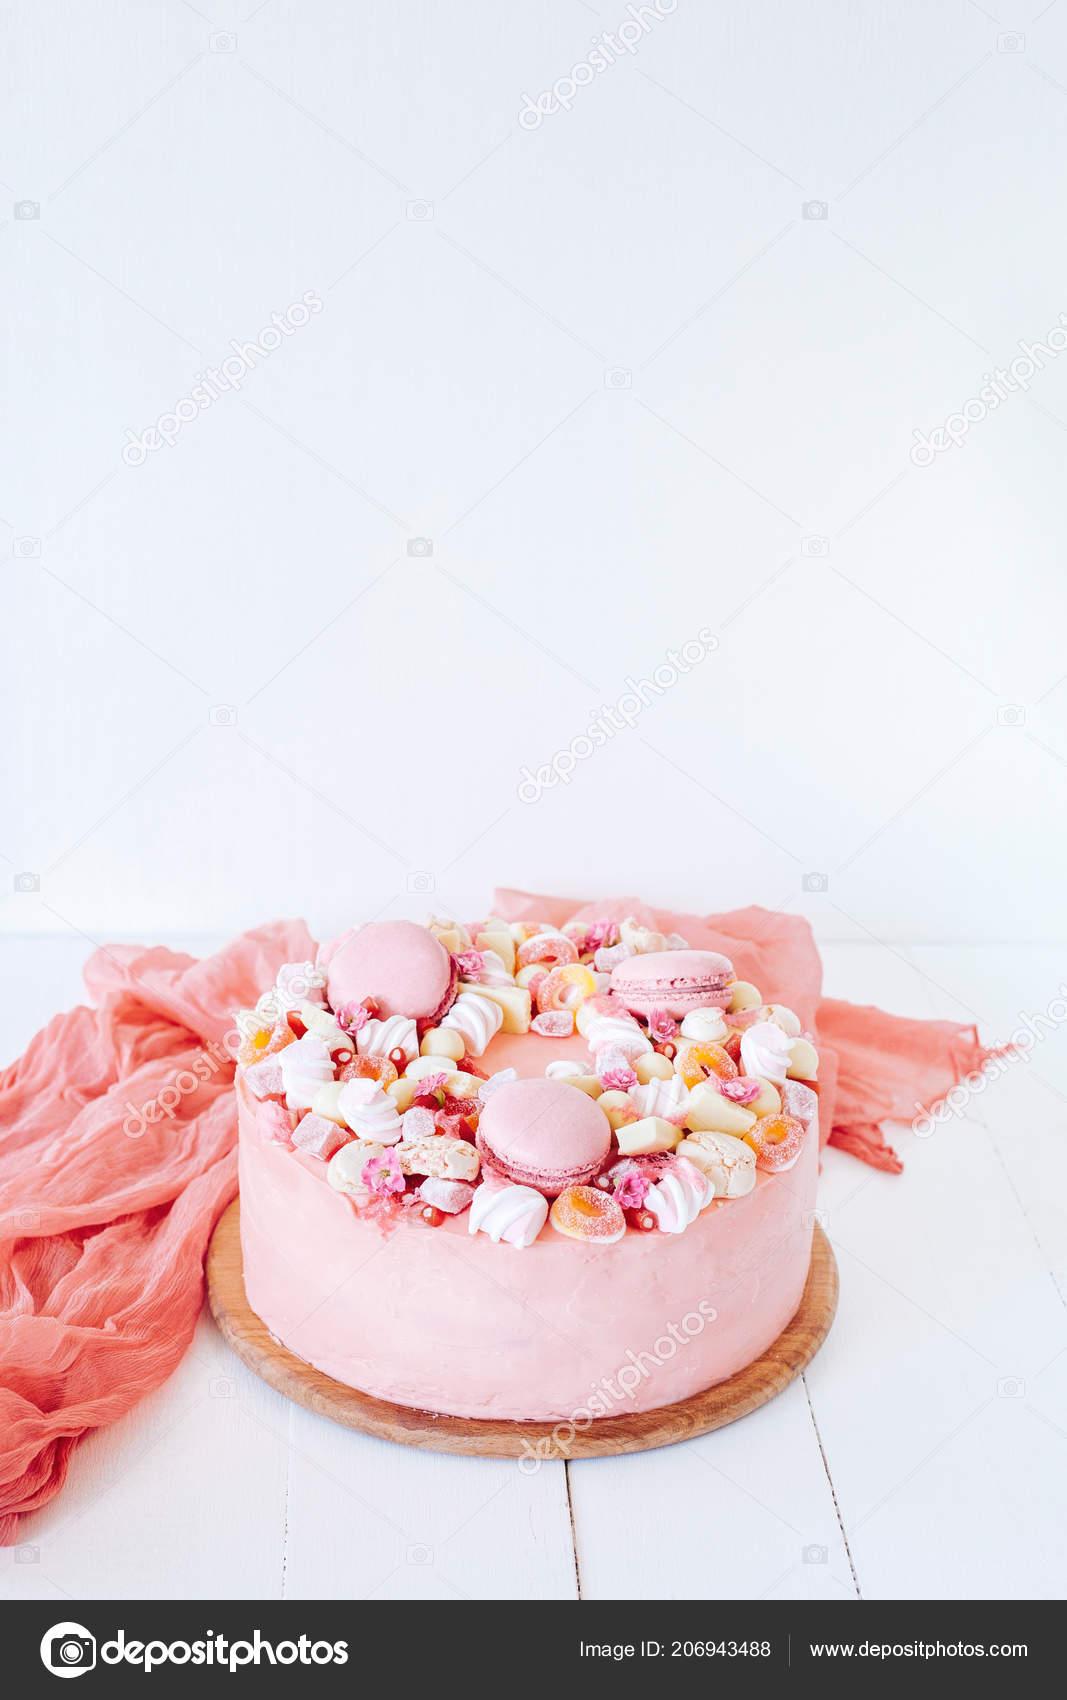 Rosa Kuchen Dekoration Aus Weisser Schokolade Marshmallows Macarons